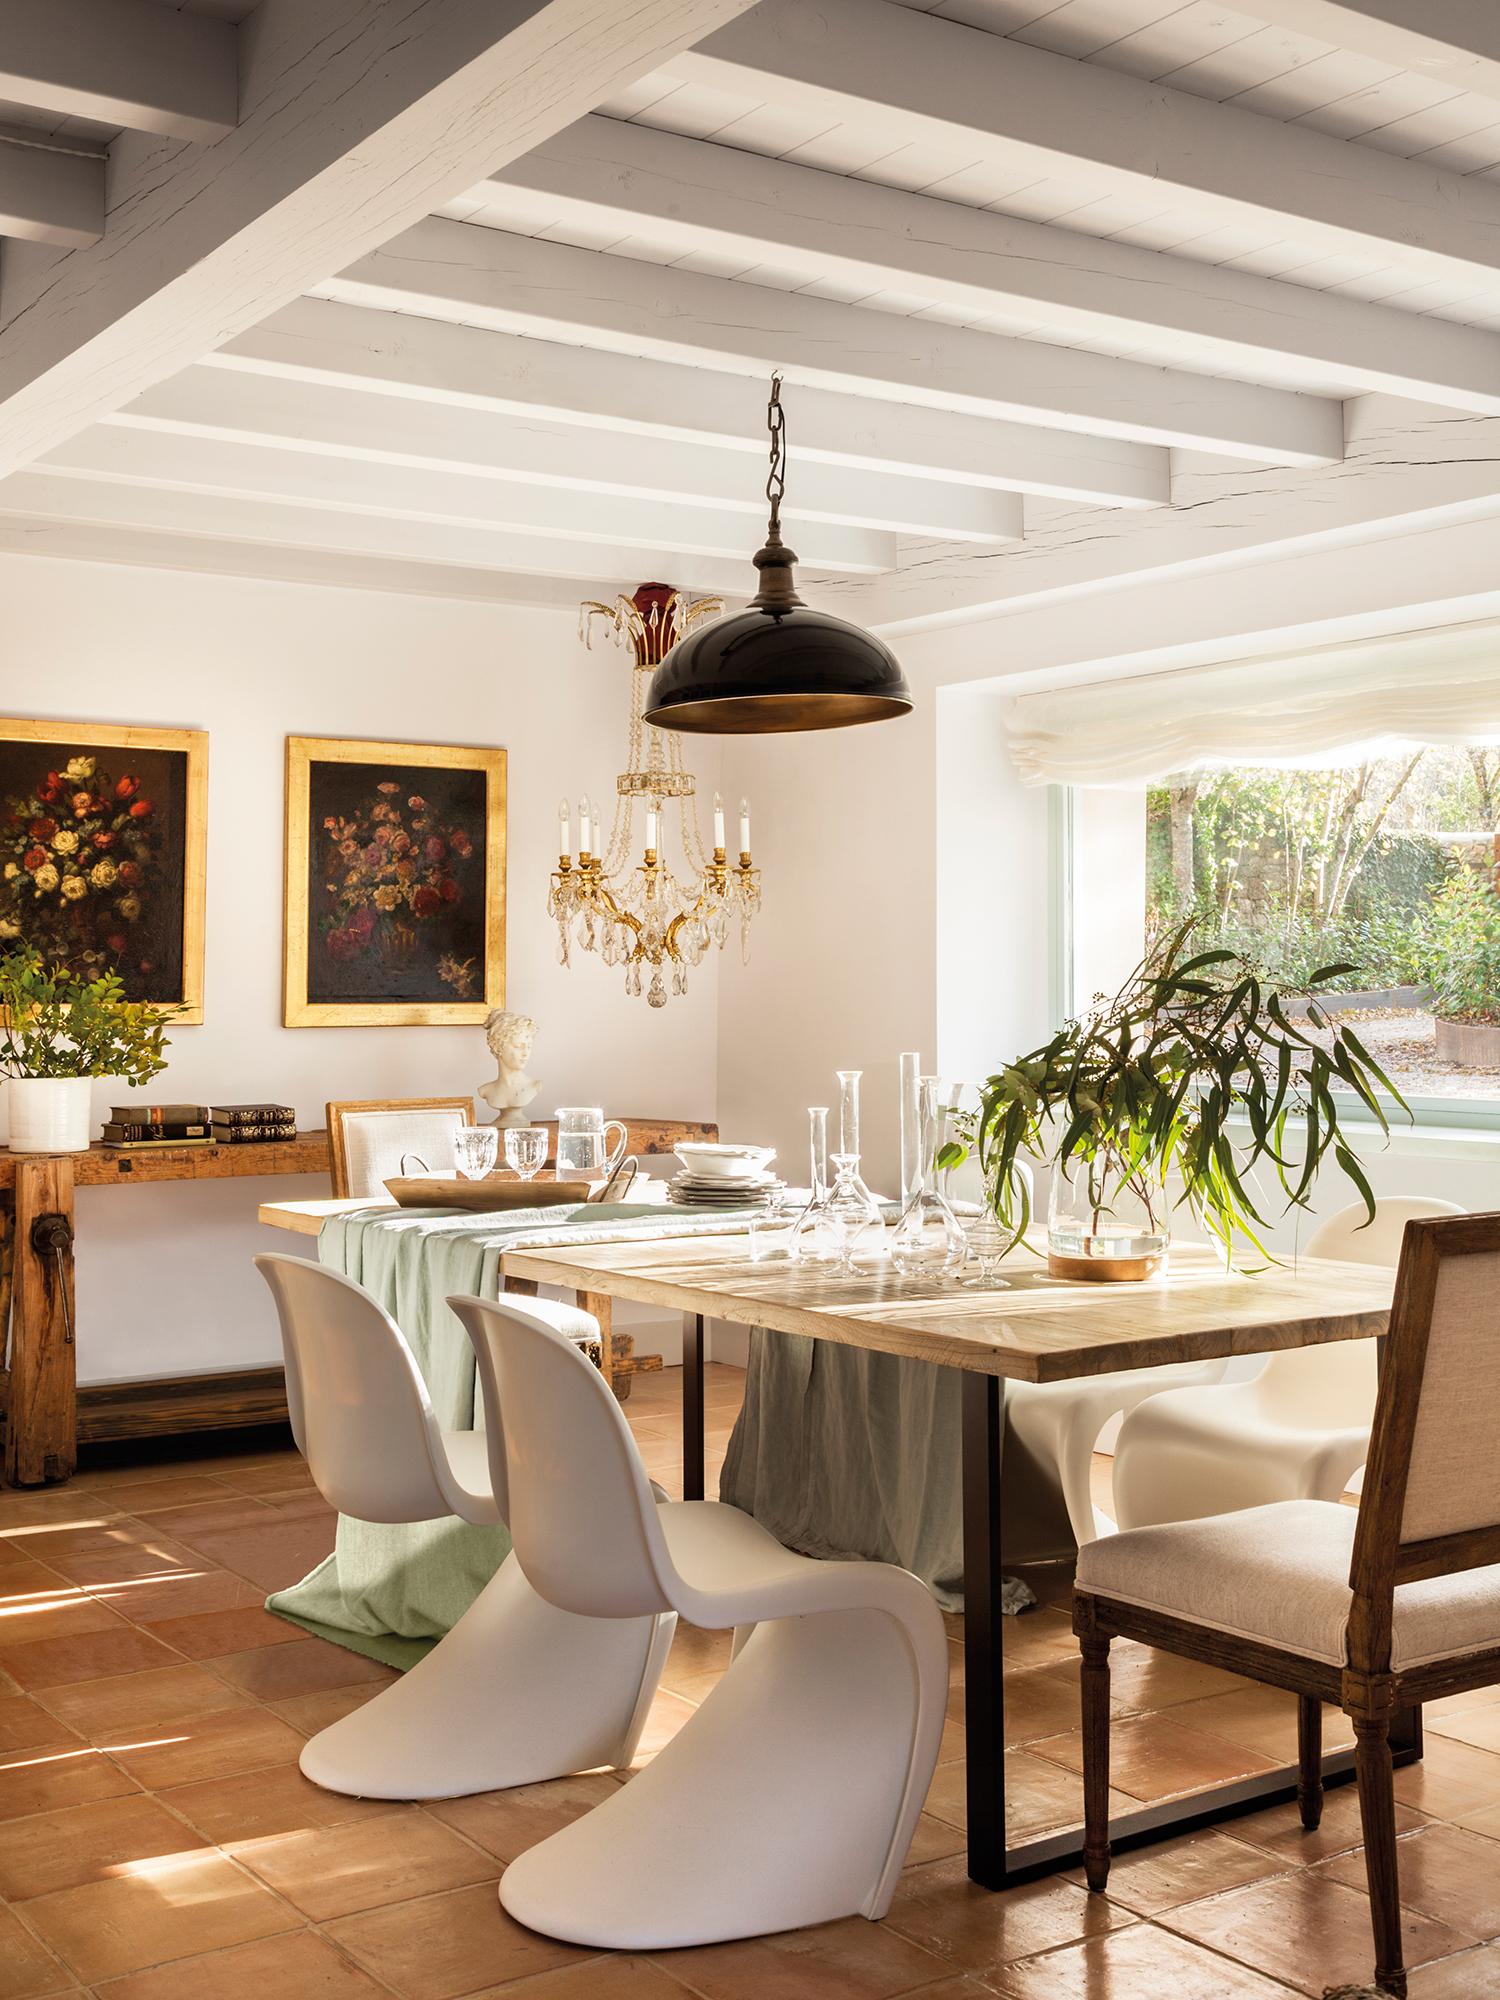 Muebles vintage y otras piezas que suman personalidad a la - Olores de otras cocinas en mi casa ...